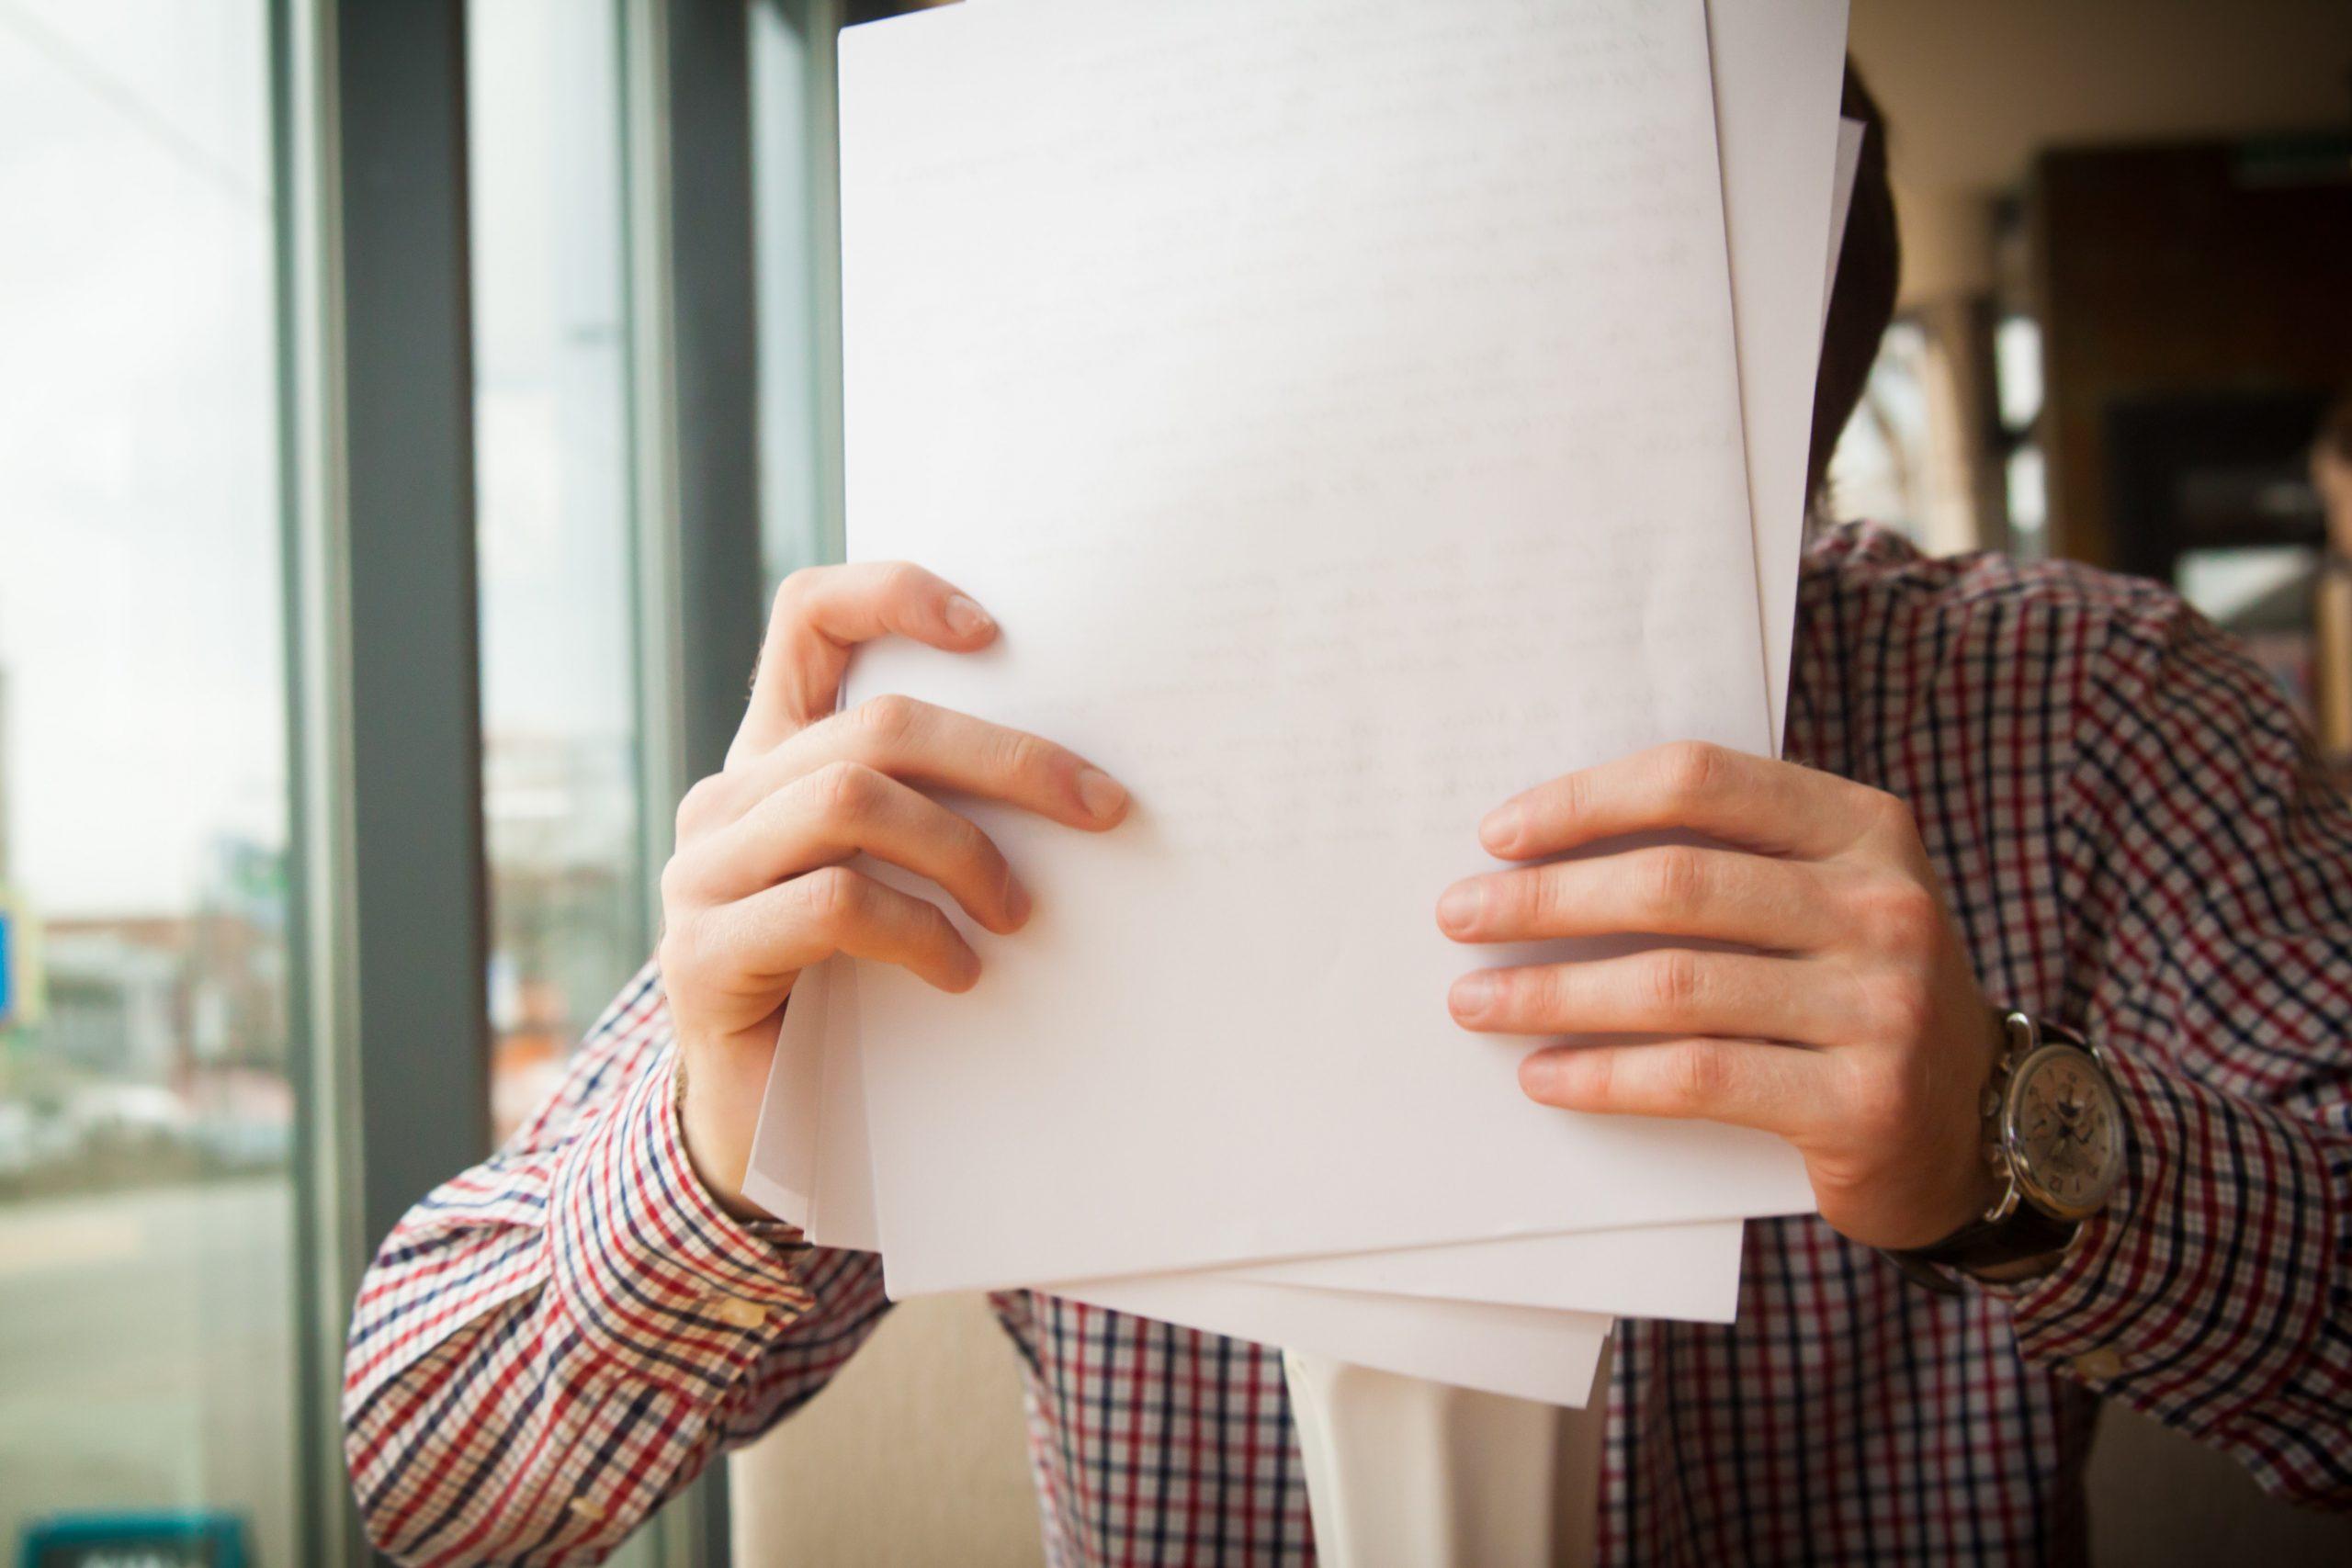 Reflexões da quarentena: será que devo repensar minha carreira e buscar o emprego dos sonhos?